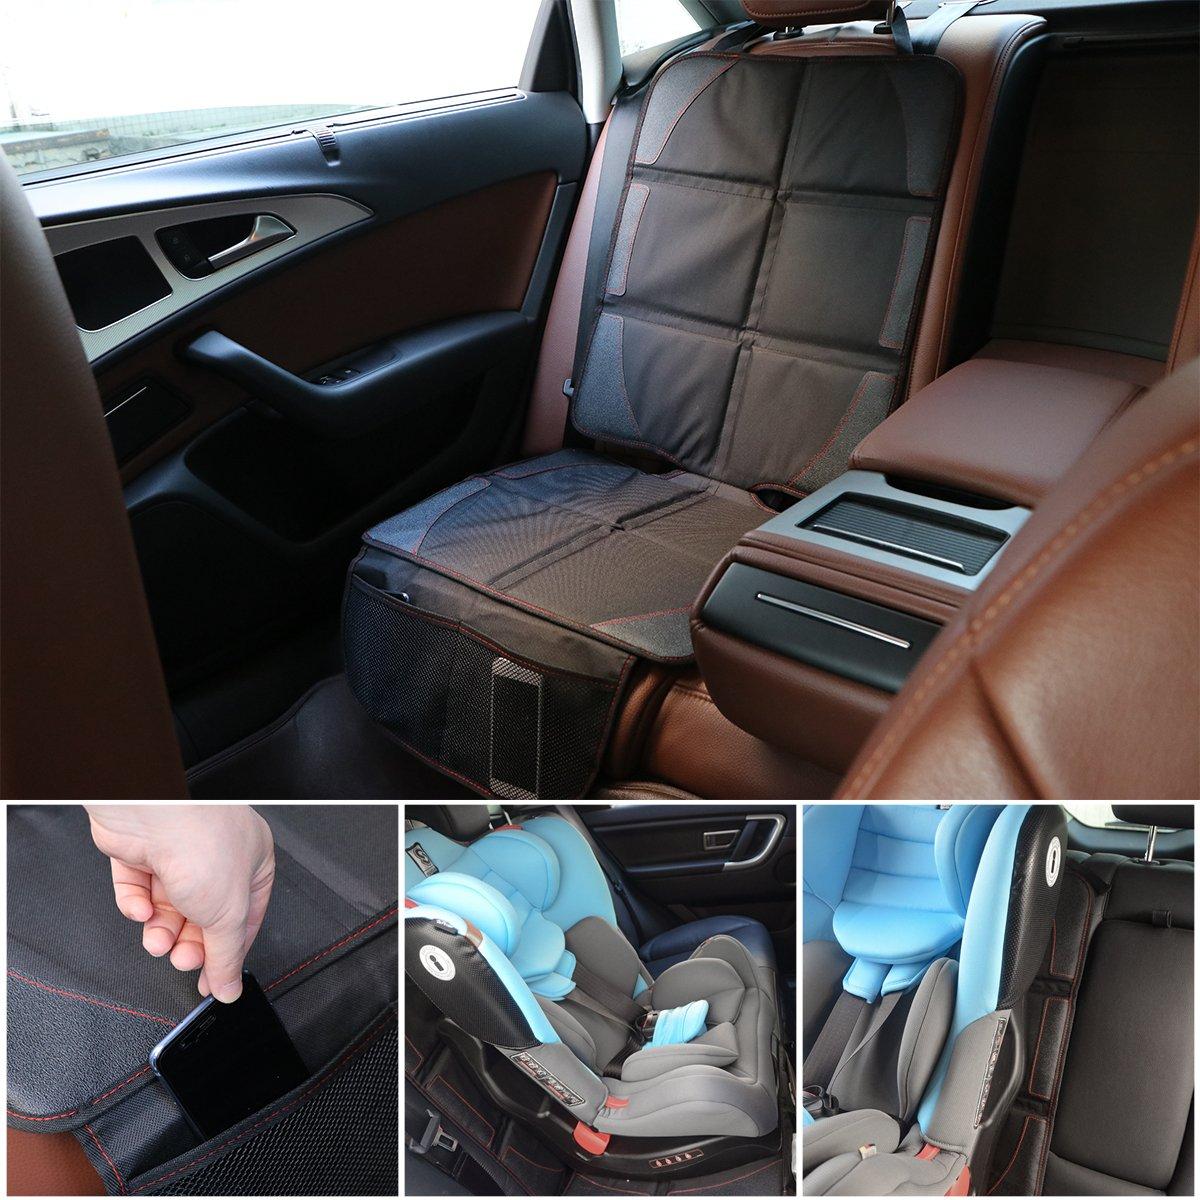 Auto kindersitzunterlage Autositzauflage mit Netztasche Schutzmatte Kindersitz Anti-Rutsch-Auflage Schoner mingpinhui